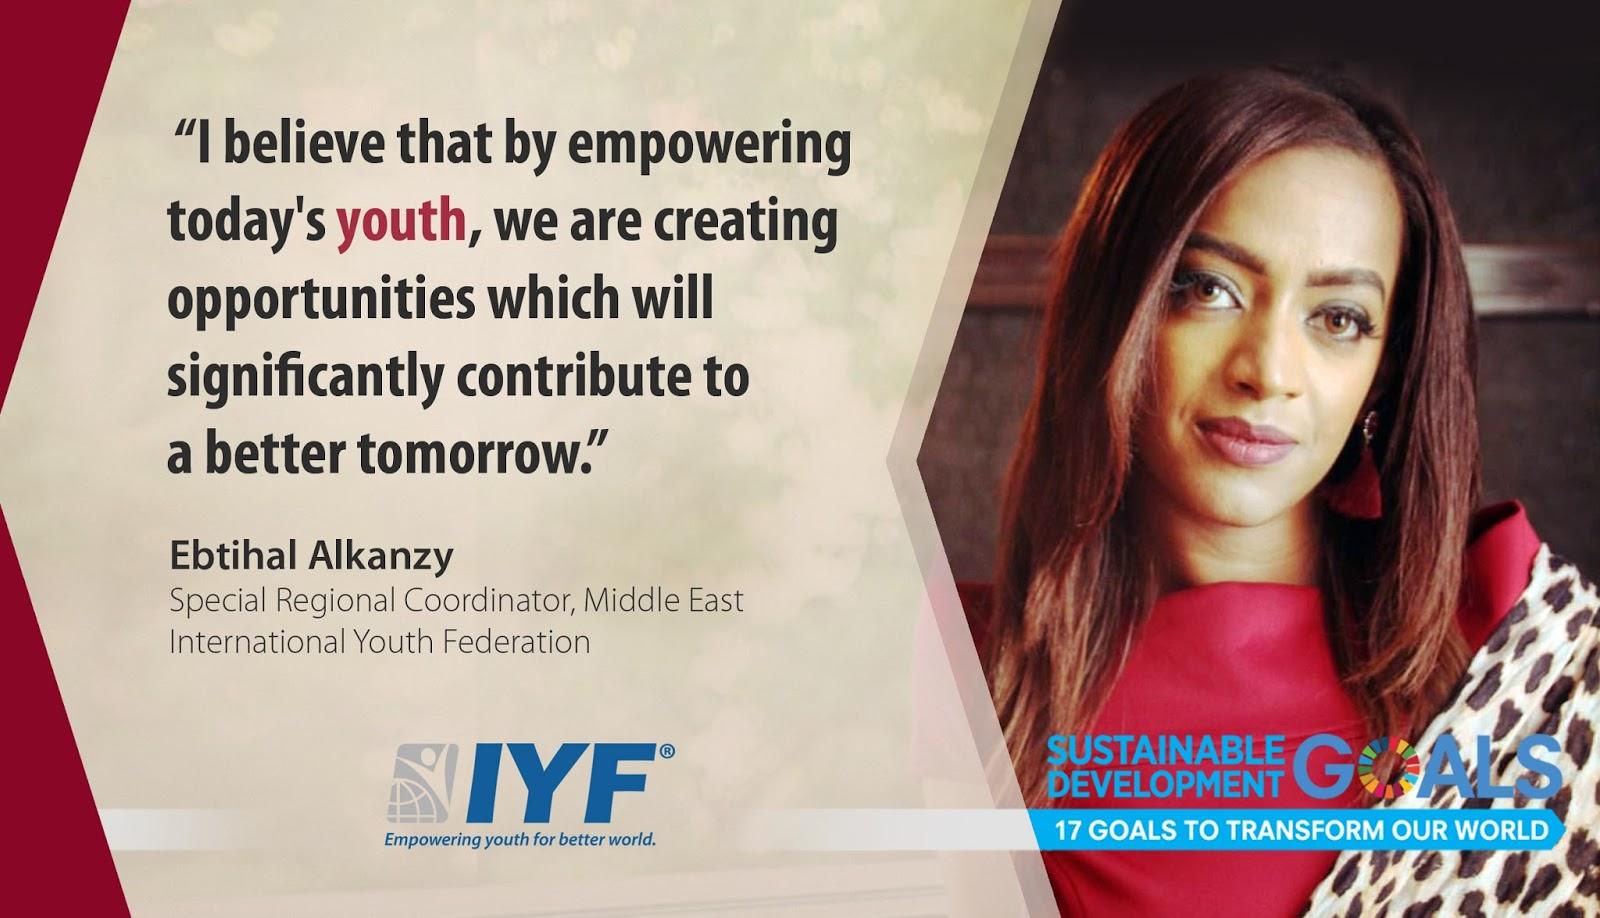 Ebtihal Alkanzy, IYF Special Regional Coordinator